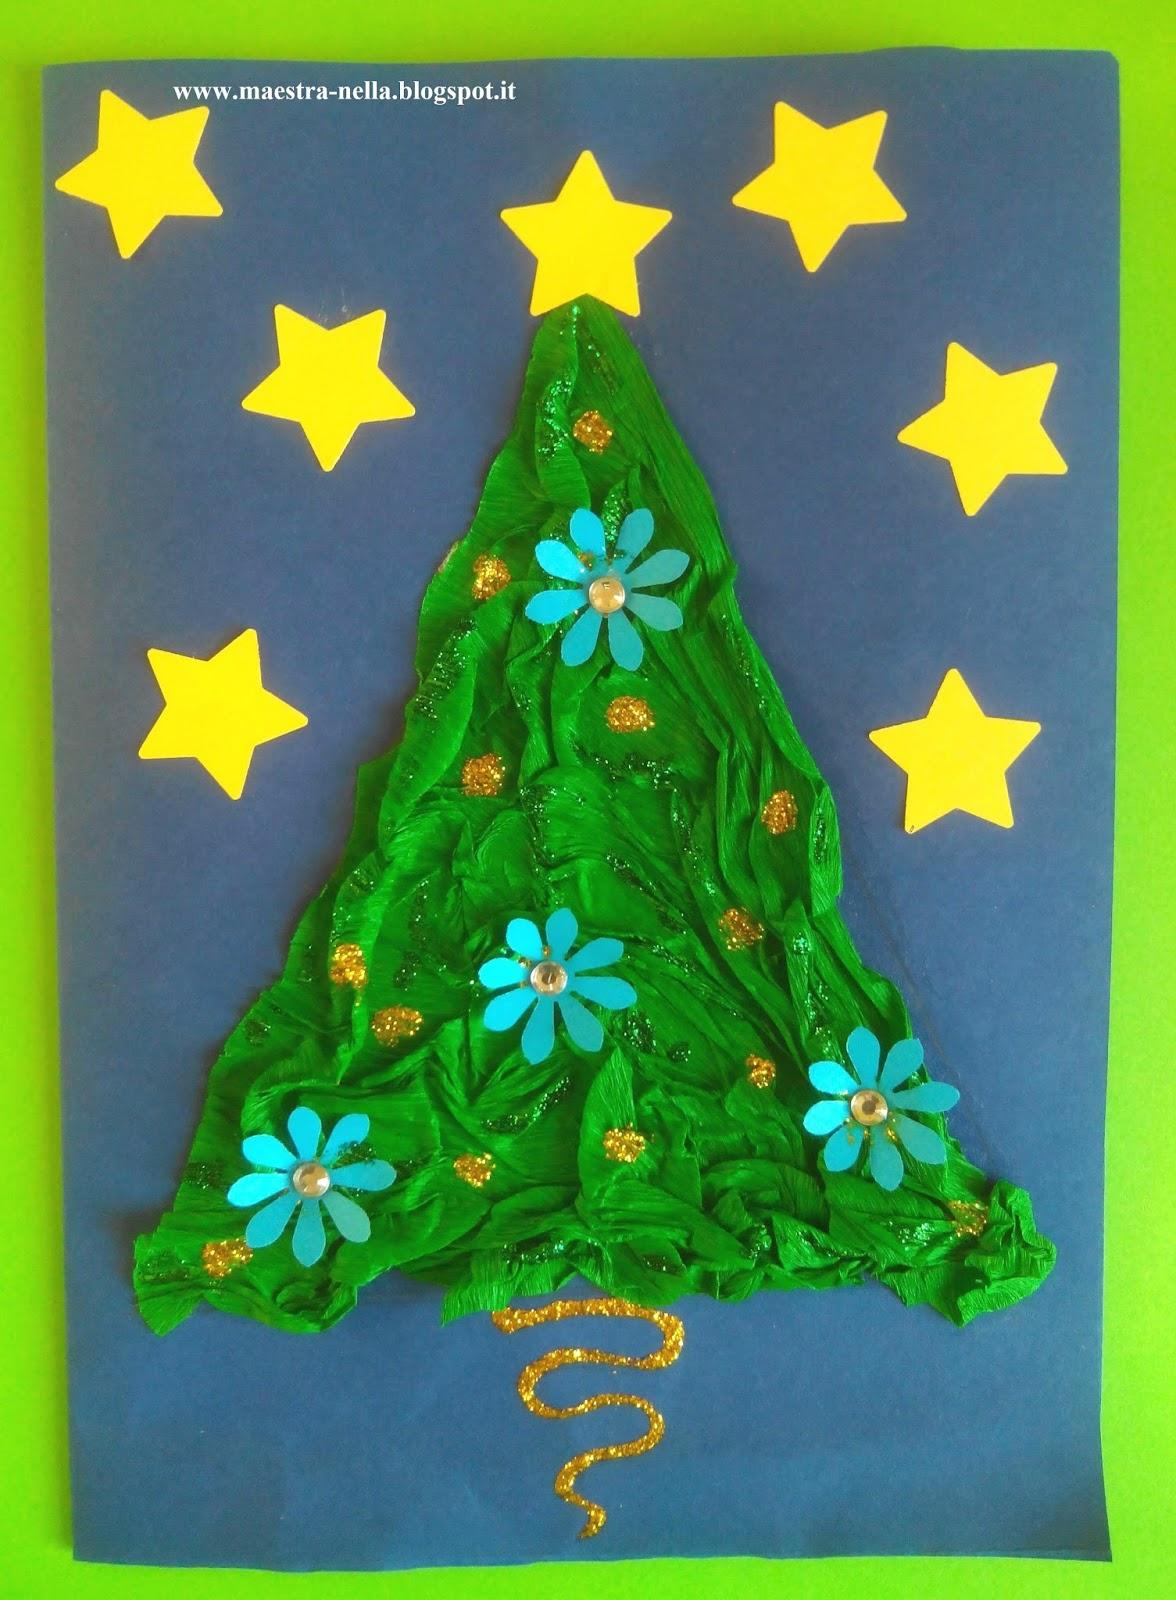 Maestra nella biglietti natalizi 2 for Lavoretti di natale maestra gemma